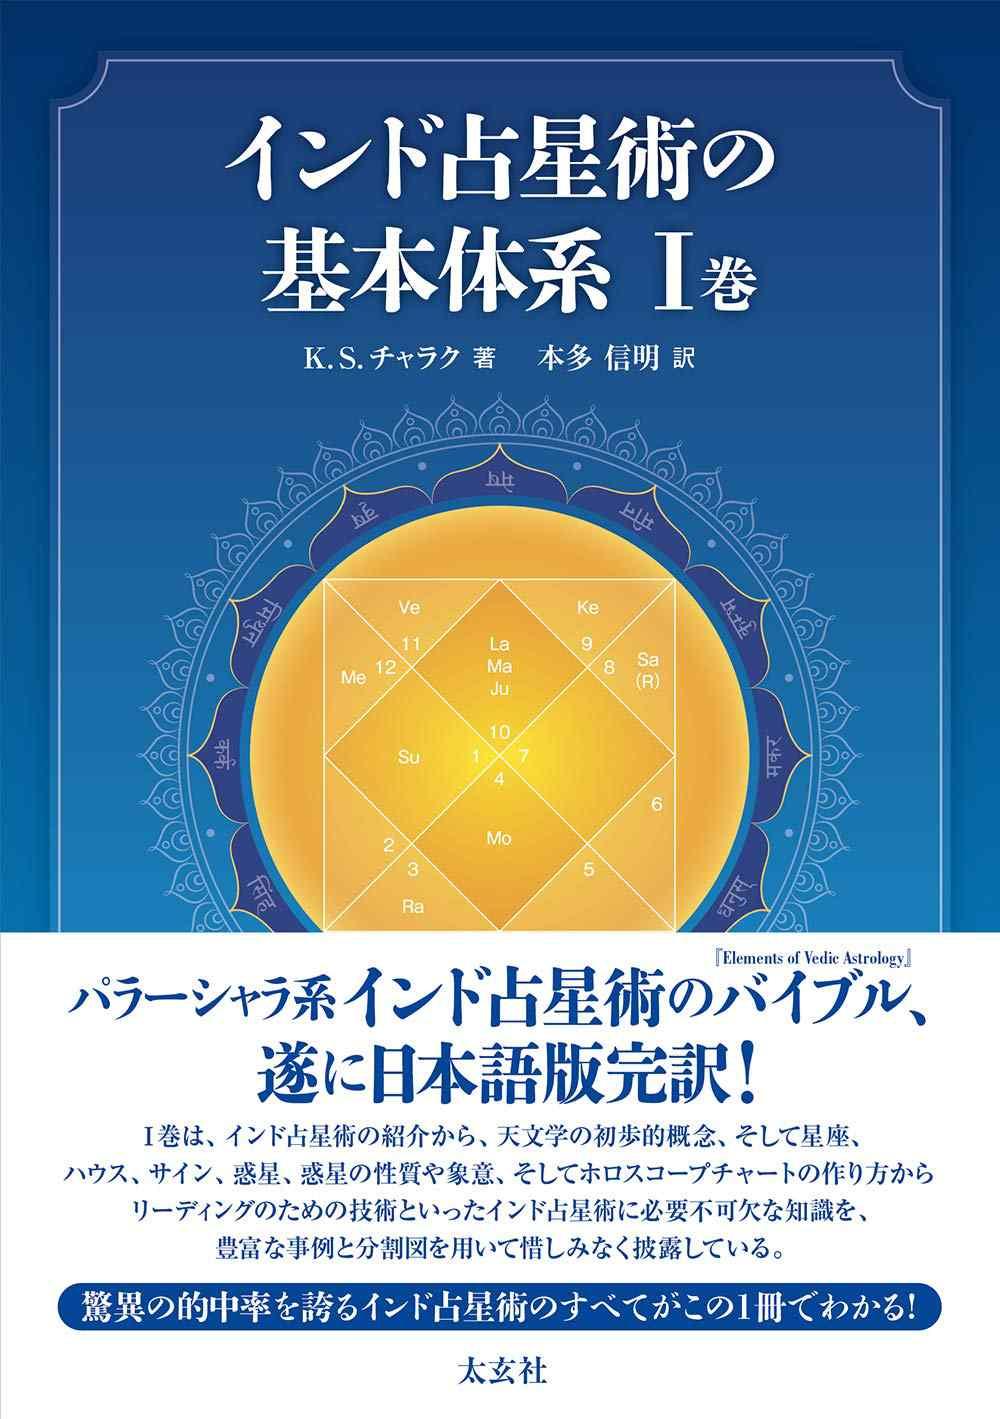 インド占星術の基本体系Ⅰ巻